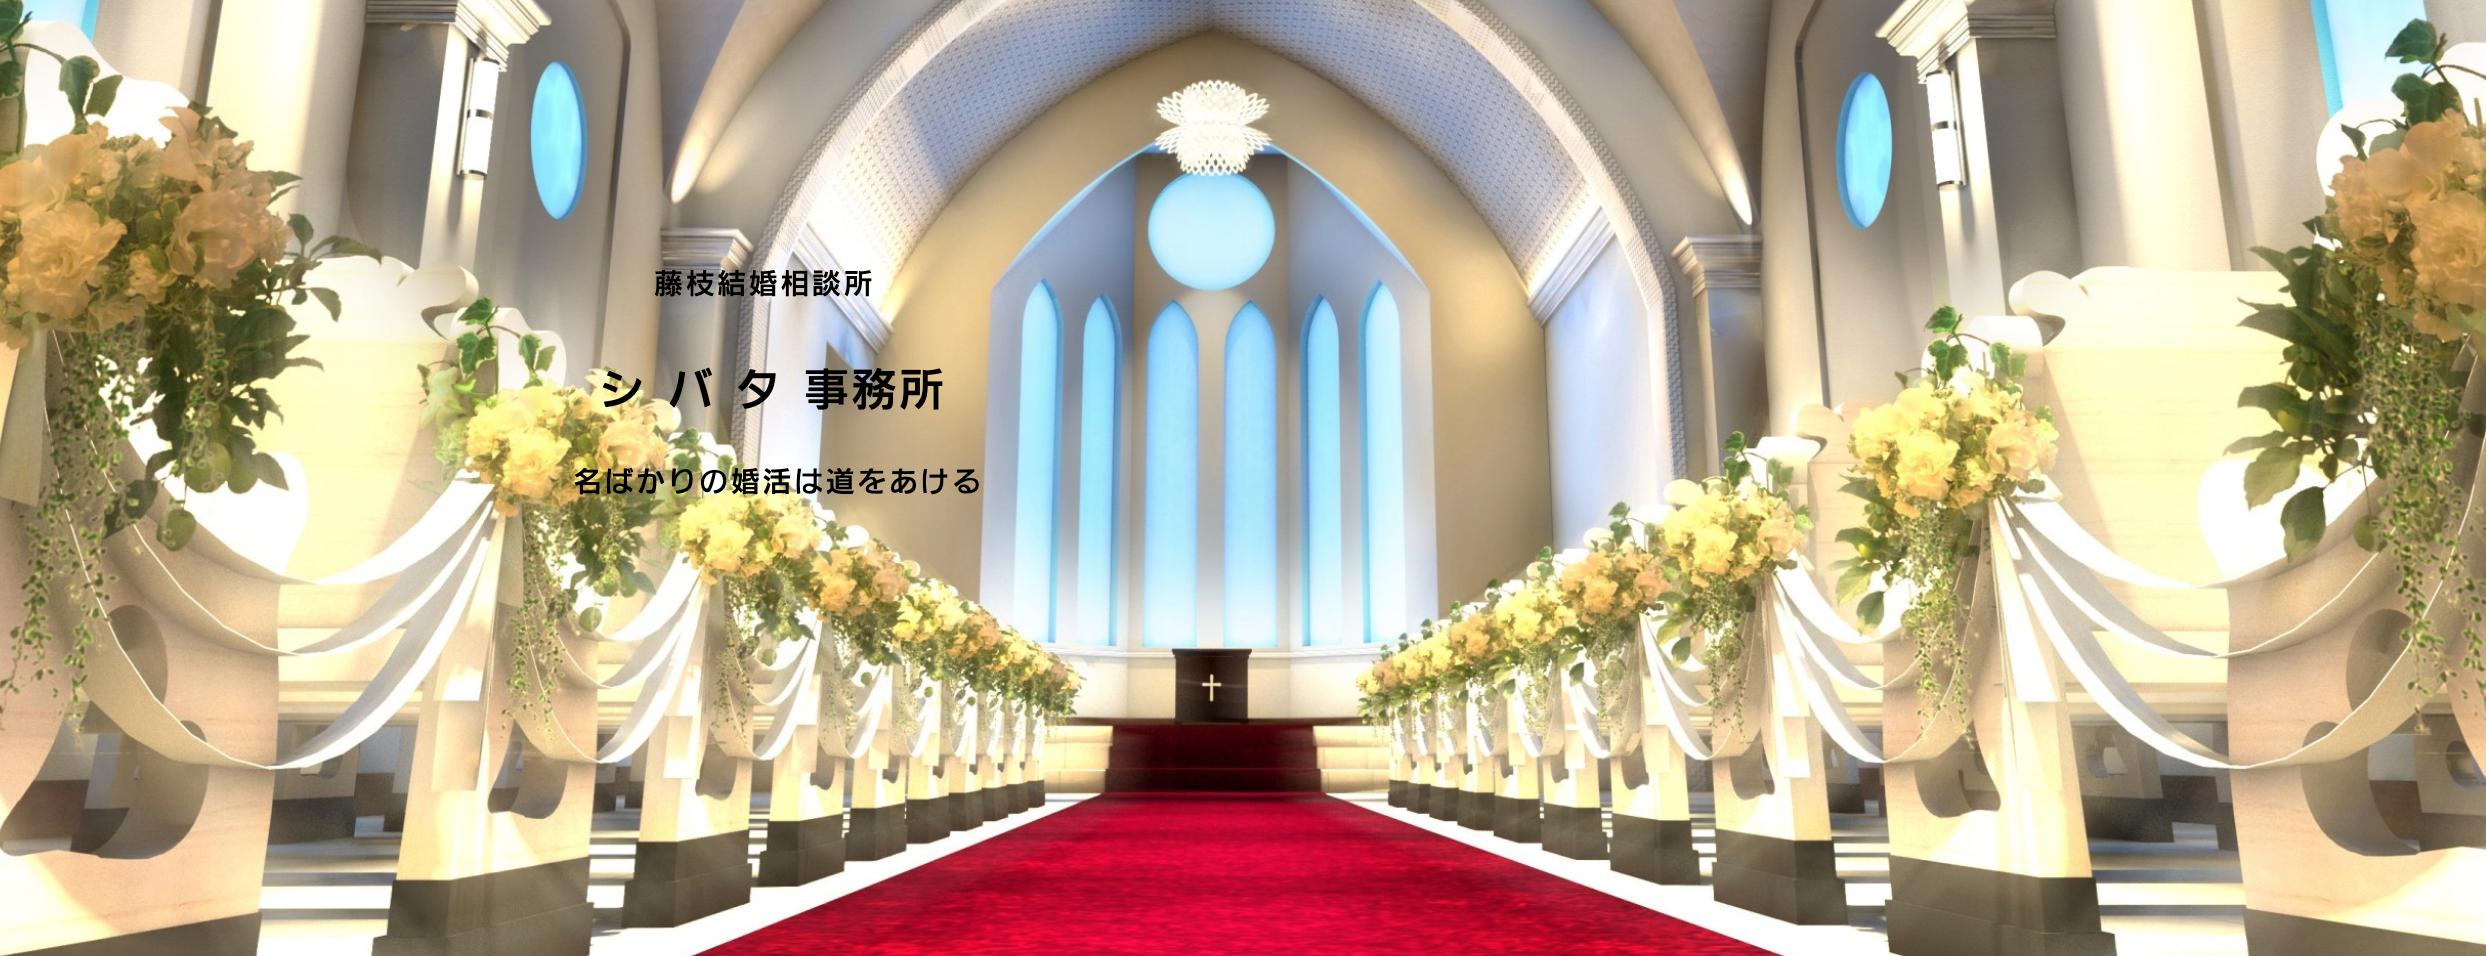 藤枝結婚相談所 シバタ事務所のHP